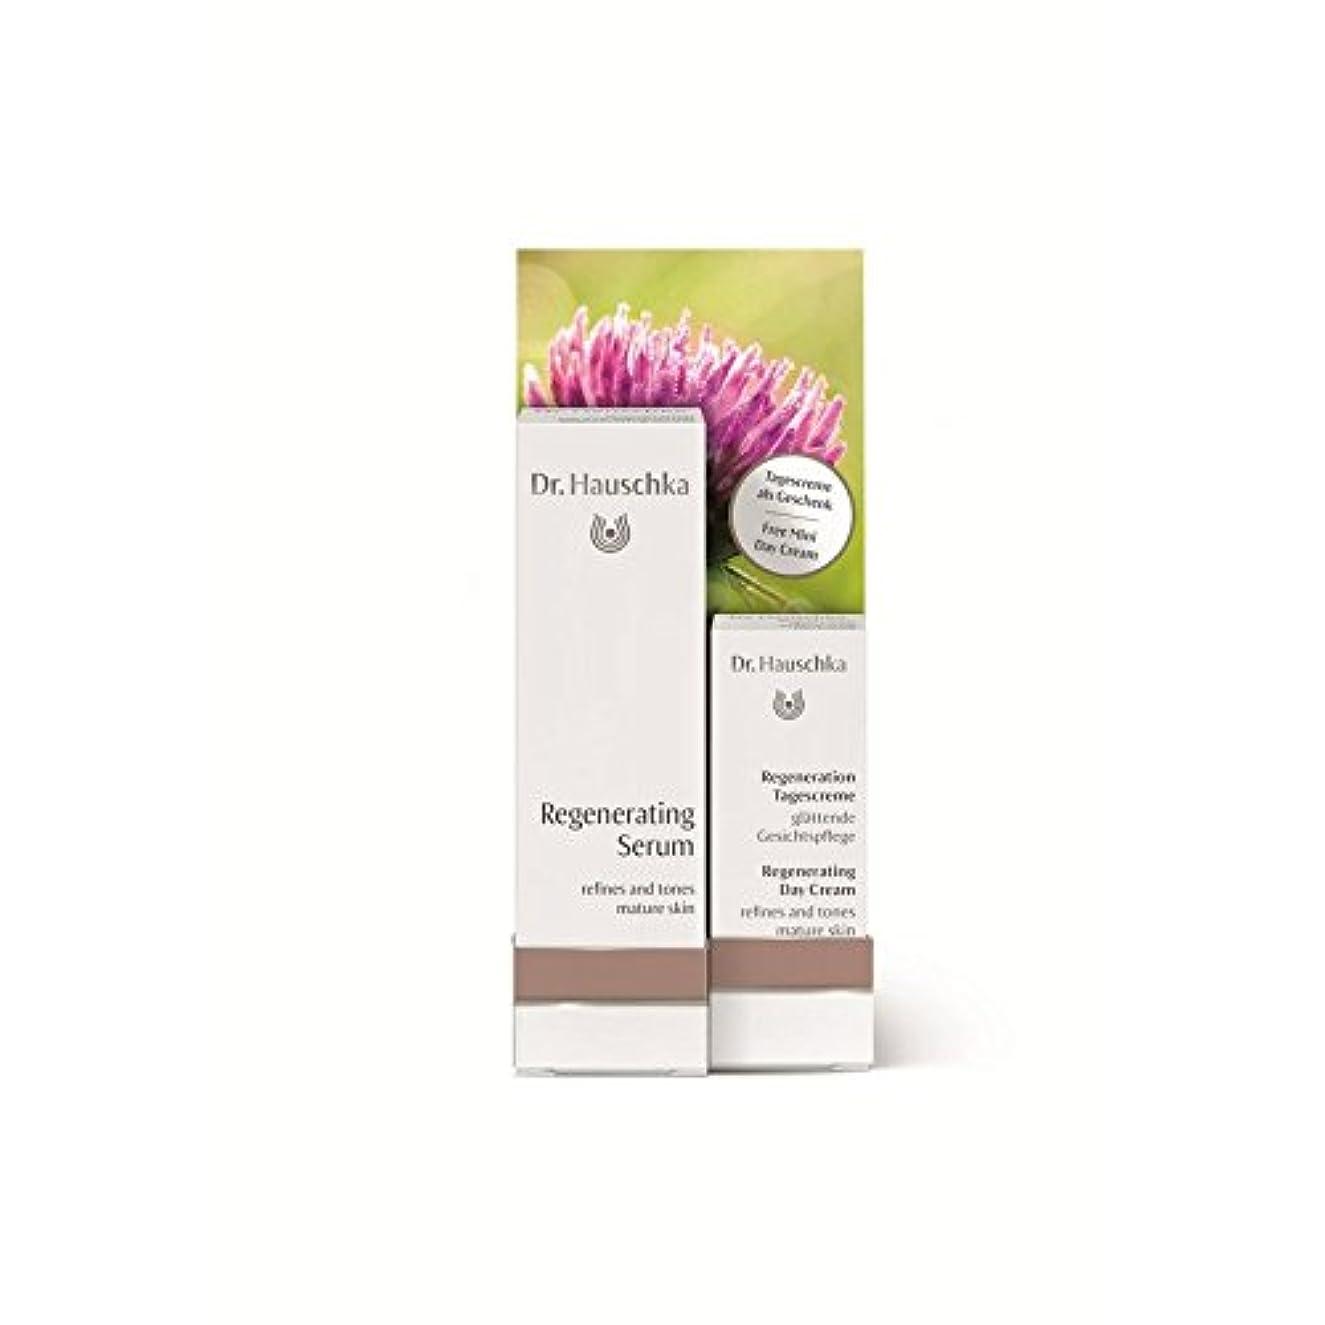 名前を作る運動教育するDr. Hauschka Regenerating Serum with a Free Regenerating Day Cream 5ml (Pack of 6) - 無料の再生デイクリーム5ミリリットルで血清を再生ハウシュカ x6 [並行輸入品]